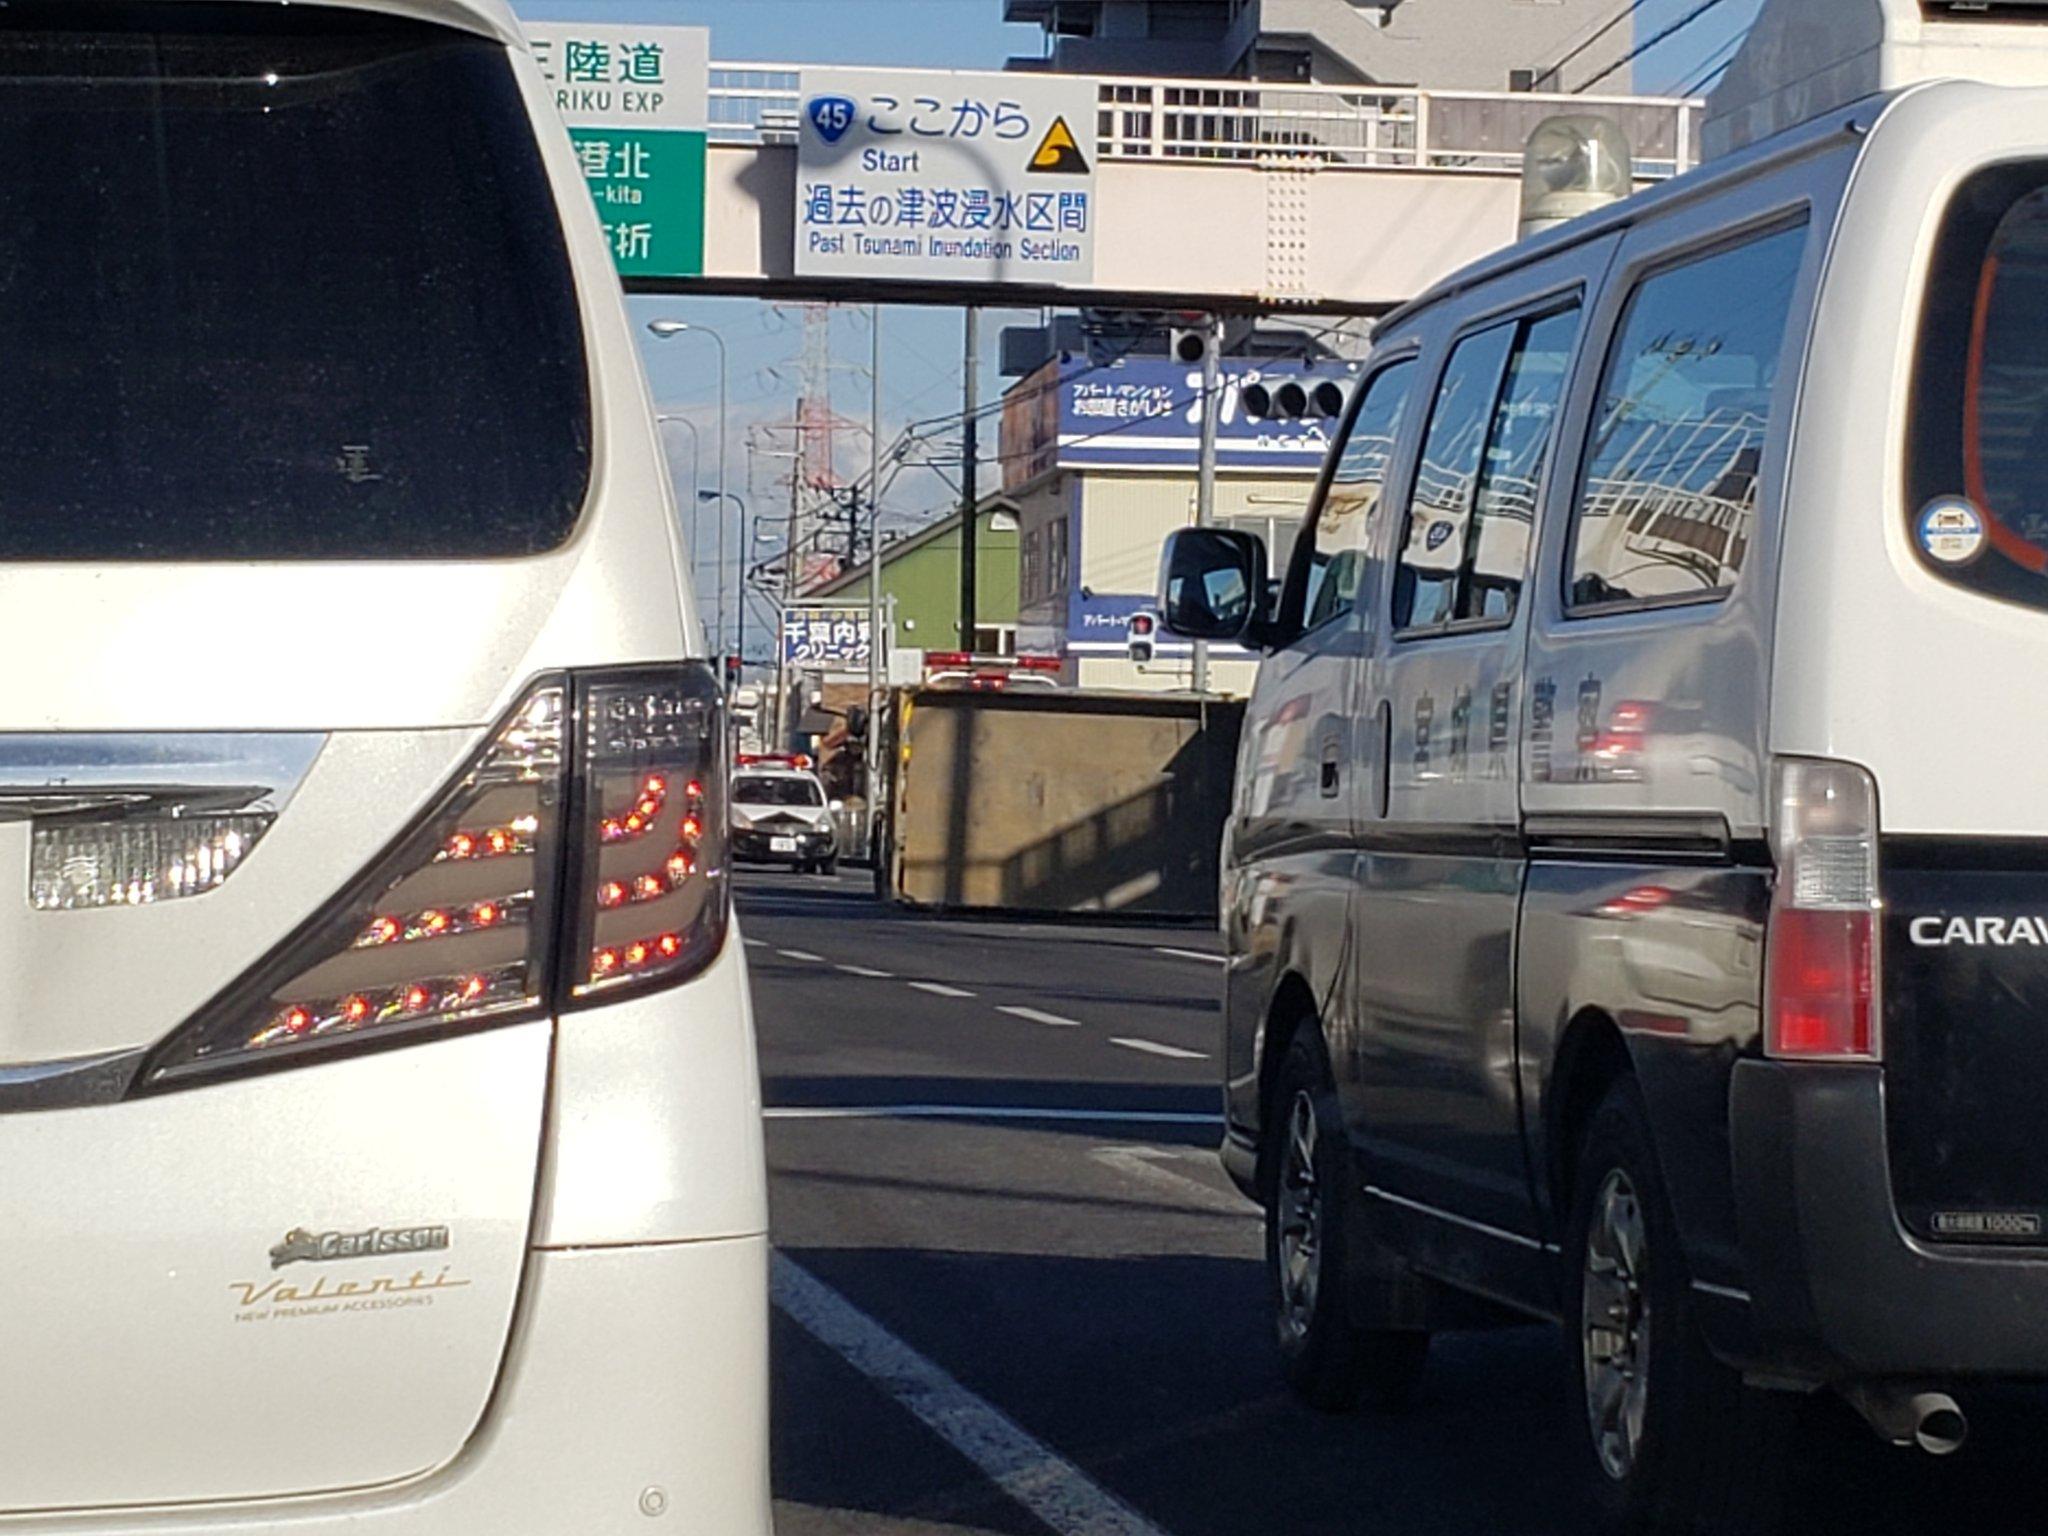 画像,R45でトラックが電柱なぎ倒して横転してる… https://t.co/aIMxJ6ci5O。